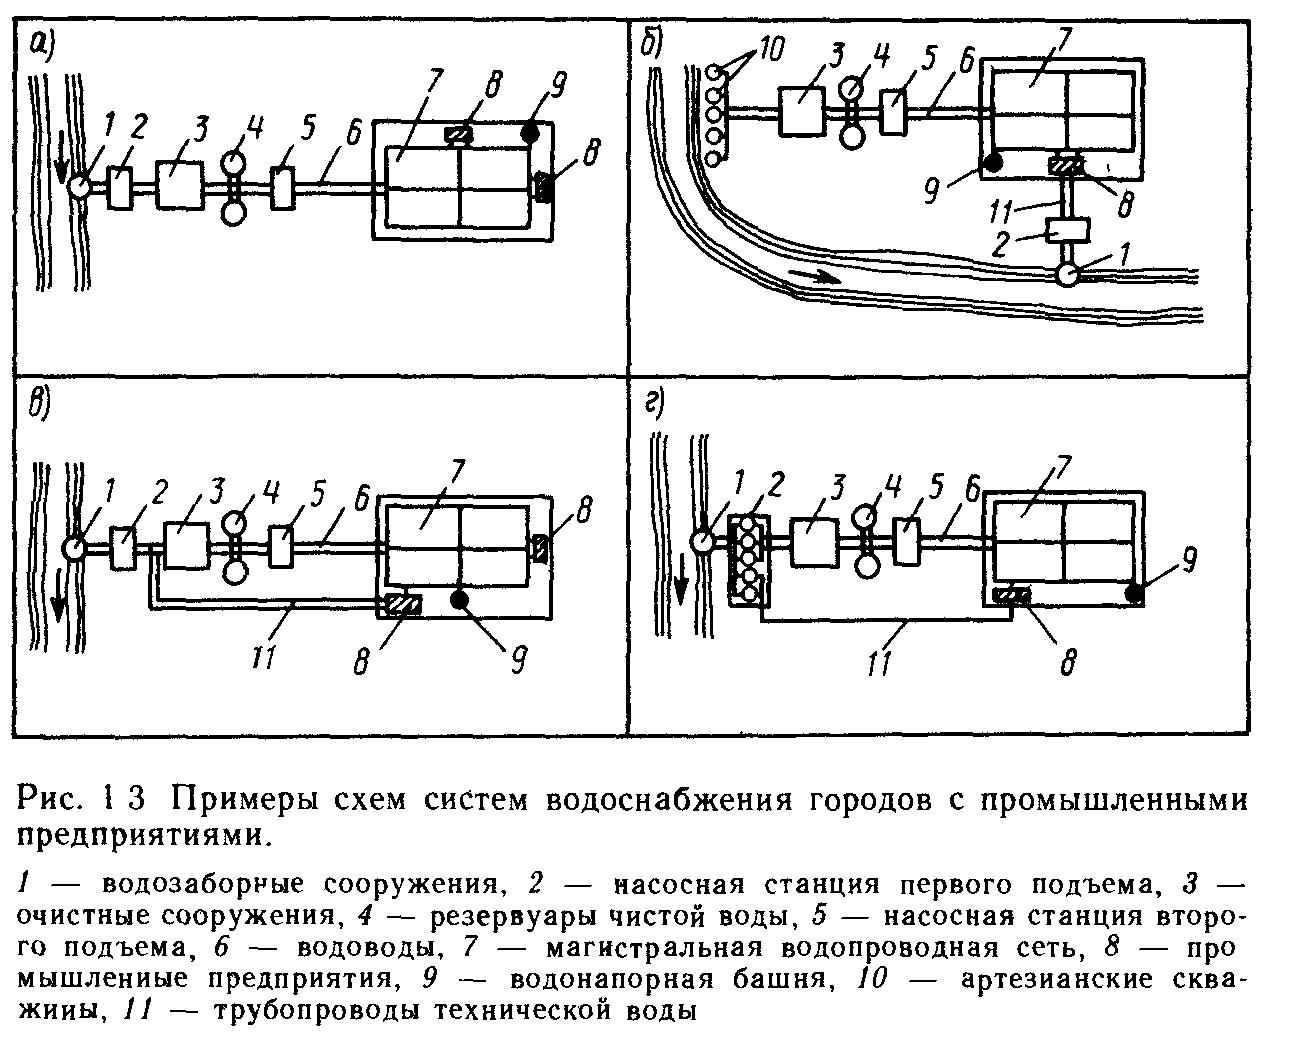 Схема систем водопотребления и водоотведения фото 86